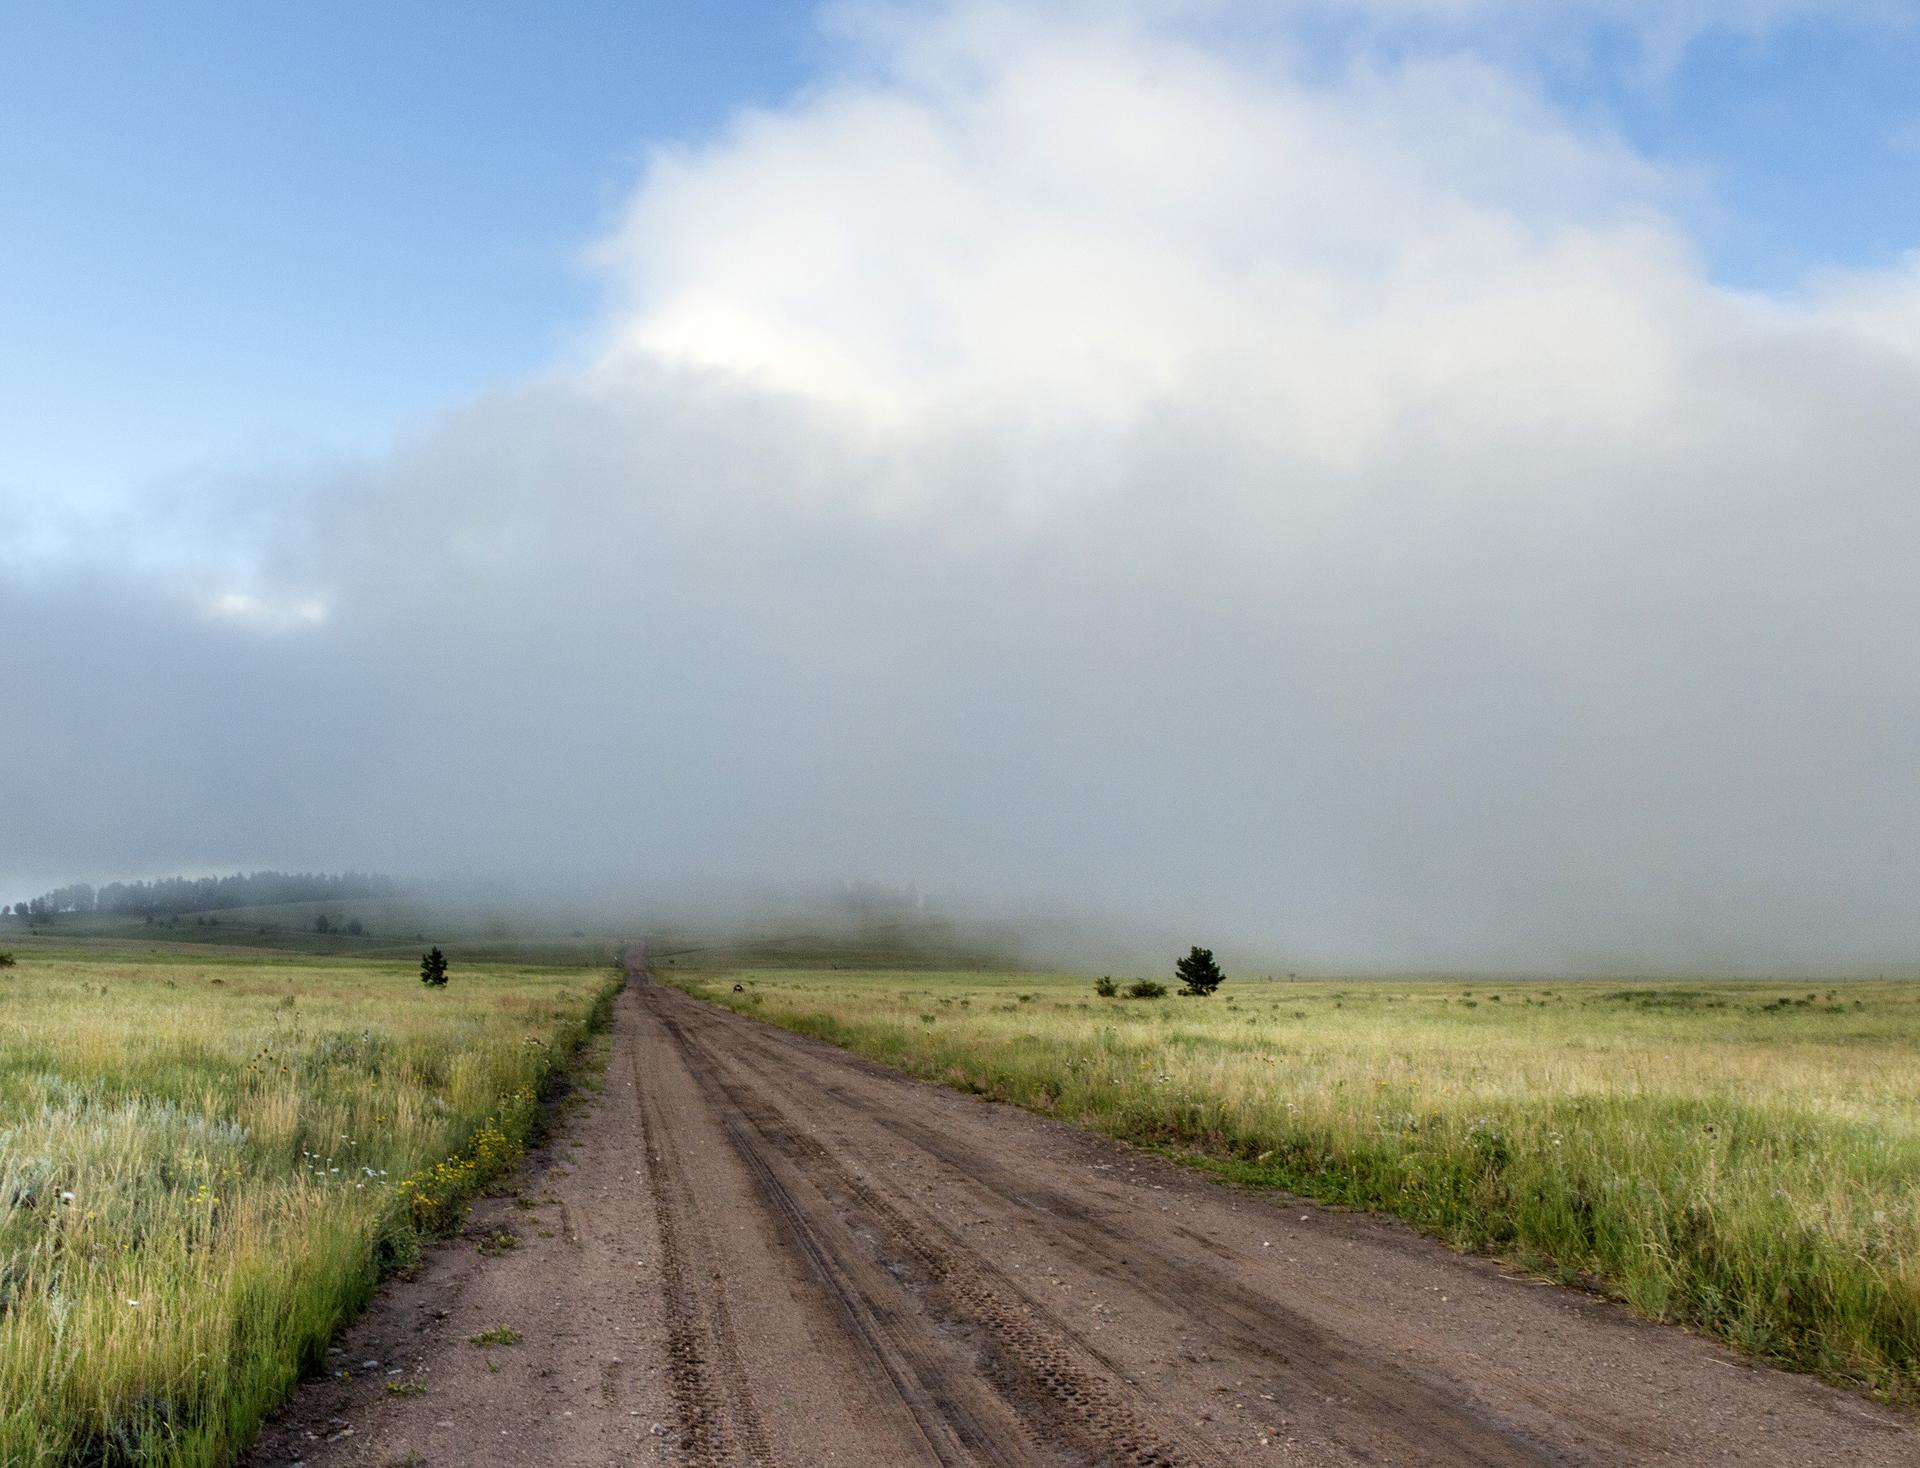 Road to Sky by Patricia McInroy